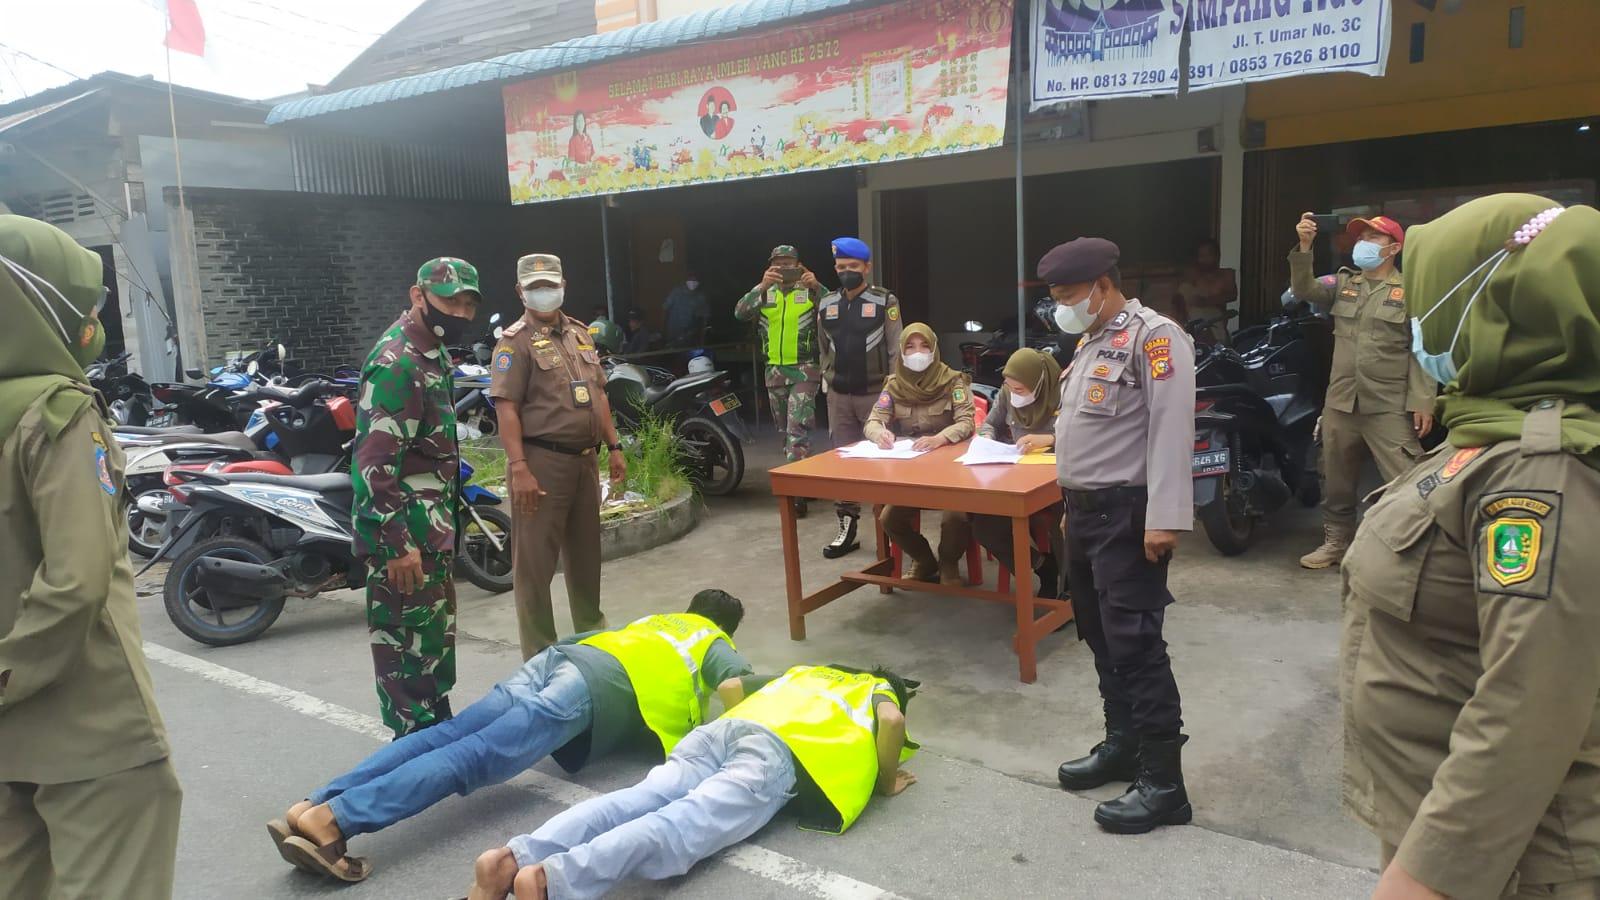 Foto Sebanyak 4 pelanggar prokes terjaring razia Di simpang jalan Ahmad Yani Selatpanjang.